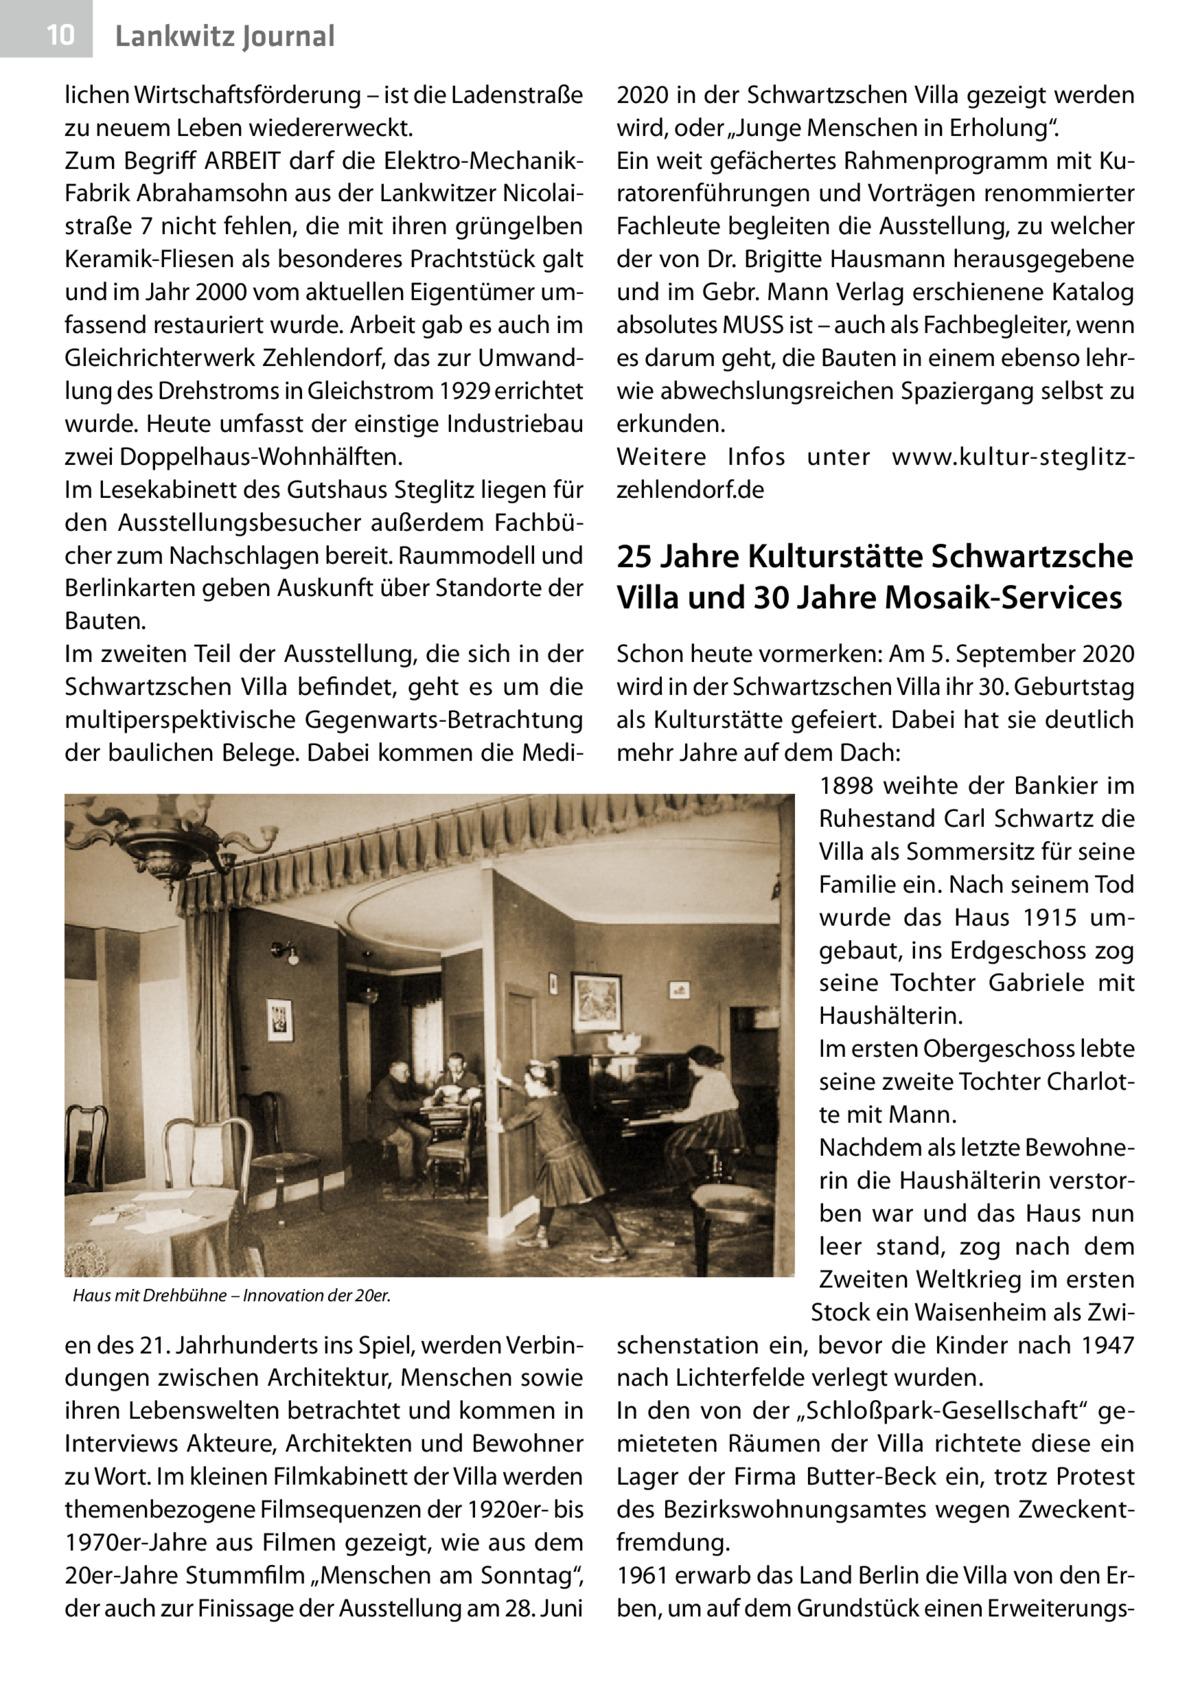 """10  Lankwitz Journal  lichen Wirtschaftsförderung – ist die Ladenstraße zu neuem Leben wiedererweckt. Zum Begriff ARBEIT darf die Elektro-MechanikFabrik Abrahamsohn aus der Lankwitzer Nicolaistraße7 nicht fehlen, die mit ihren grüngelben Keramik-Fliesen als besonderes Prachtstück galt und im Jahr 2000 vom aktuellen Eigentümer umfassend restauriert wurde. Arbeit gab es auch im Gleichrichterwerk Zehlendorf, das zur Umwandlung des Drehstroms in Gleichstrom 1929 errichtet wurde. Heute umfasst der einstige Industriebau zwei Doppelhaus-Wohnhälften. Im Lesekabinett des Gutshaus Steglitz liegen für den Ausstellungsbesucher außerdem Fachbücher zum Nachschlagen bereit. Raummodell und Berlinkarten geben Auskunft über Standorte der Bauten. Im zweiten Teil der Ausstellung, die sich in der Schwartzschen Villa befindet, geht es um die multiperspektivische Gegenwarts-Betrachtung der baulichen Belege. Dabei kommen die Medi Haus mit Drehbühne – Innovation der 20er.  en des 21.Jahrhunderts ins Spiel, werden Verbindungen zwischen Architektur, Menschen sowie ihren Lebenswelten betrachtet und kommen in Interviews Akteure, Architekten und Bewohner zu Wort. Im kleinen Filmkabinett der Villa werden themenbezogene Filmsequenzen der 1920er- bis 1970er-Jahre aus Filmen gezeigt, wie aus dem 20er-Jahre Stummfilm """"Menschen am Sonntag"""", der auch zur Finissage der Ausstellung am 28.Juni  2020 in der Schwartzschen Villa gezeigt werden wird, oder """"Junge Menschen in Erholung"""". Ein weit gefächertes Rahmenprogramm mit Kuratorenführungen und Vorträgen renommierter Fachleute begleiten die Ausstellung, zu welcher der von Dr.Brigitte Hausmann herausgegebene und im Gebr. Mann Verlag erschienene Katalog absolutes MUSS ist – auch als Fachbegleiter, wenn es darum geht, die Bauten in einem ebenso lehrwie abwechslungsreichen Spaziergang selbst zu erkunden. Weitere Infos unter www.kultur-steglitzzehlendorf.de  25Jahre Kulturstätte Schwartzsche Villa und 30Jahre Mosaik-Services Schon heute vormerken: Am 5.September"""